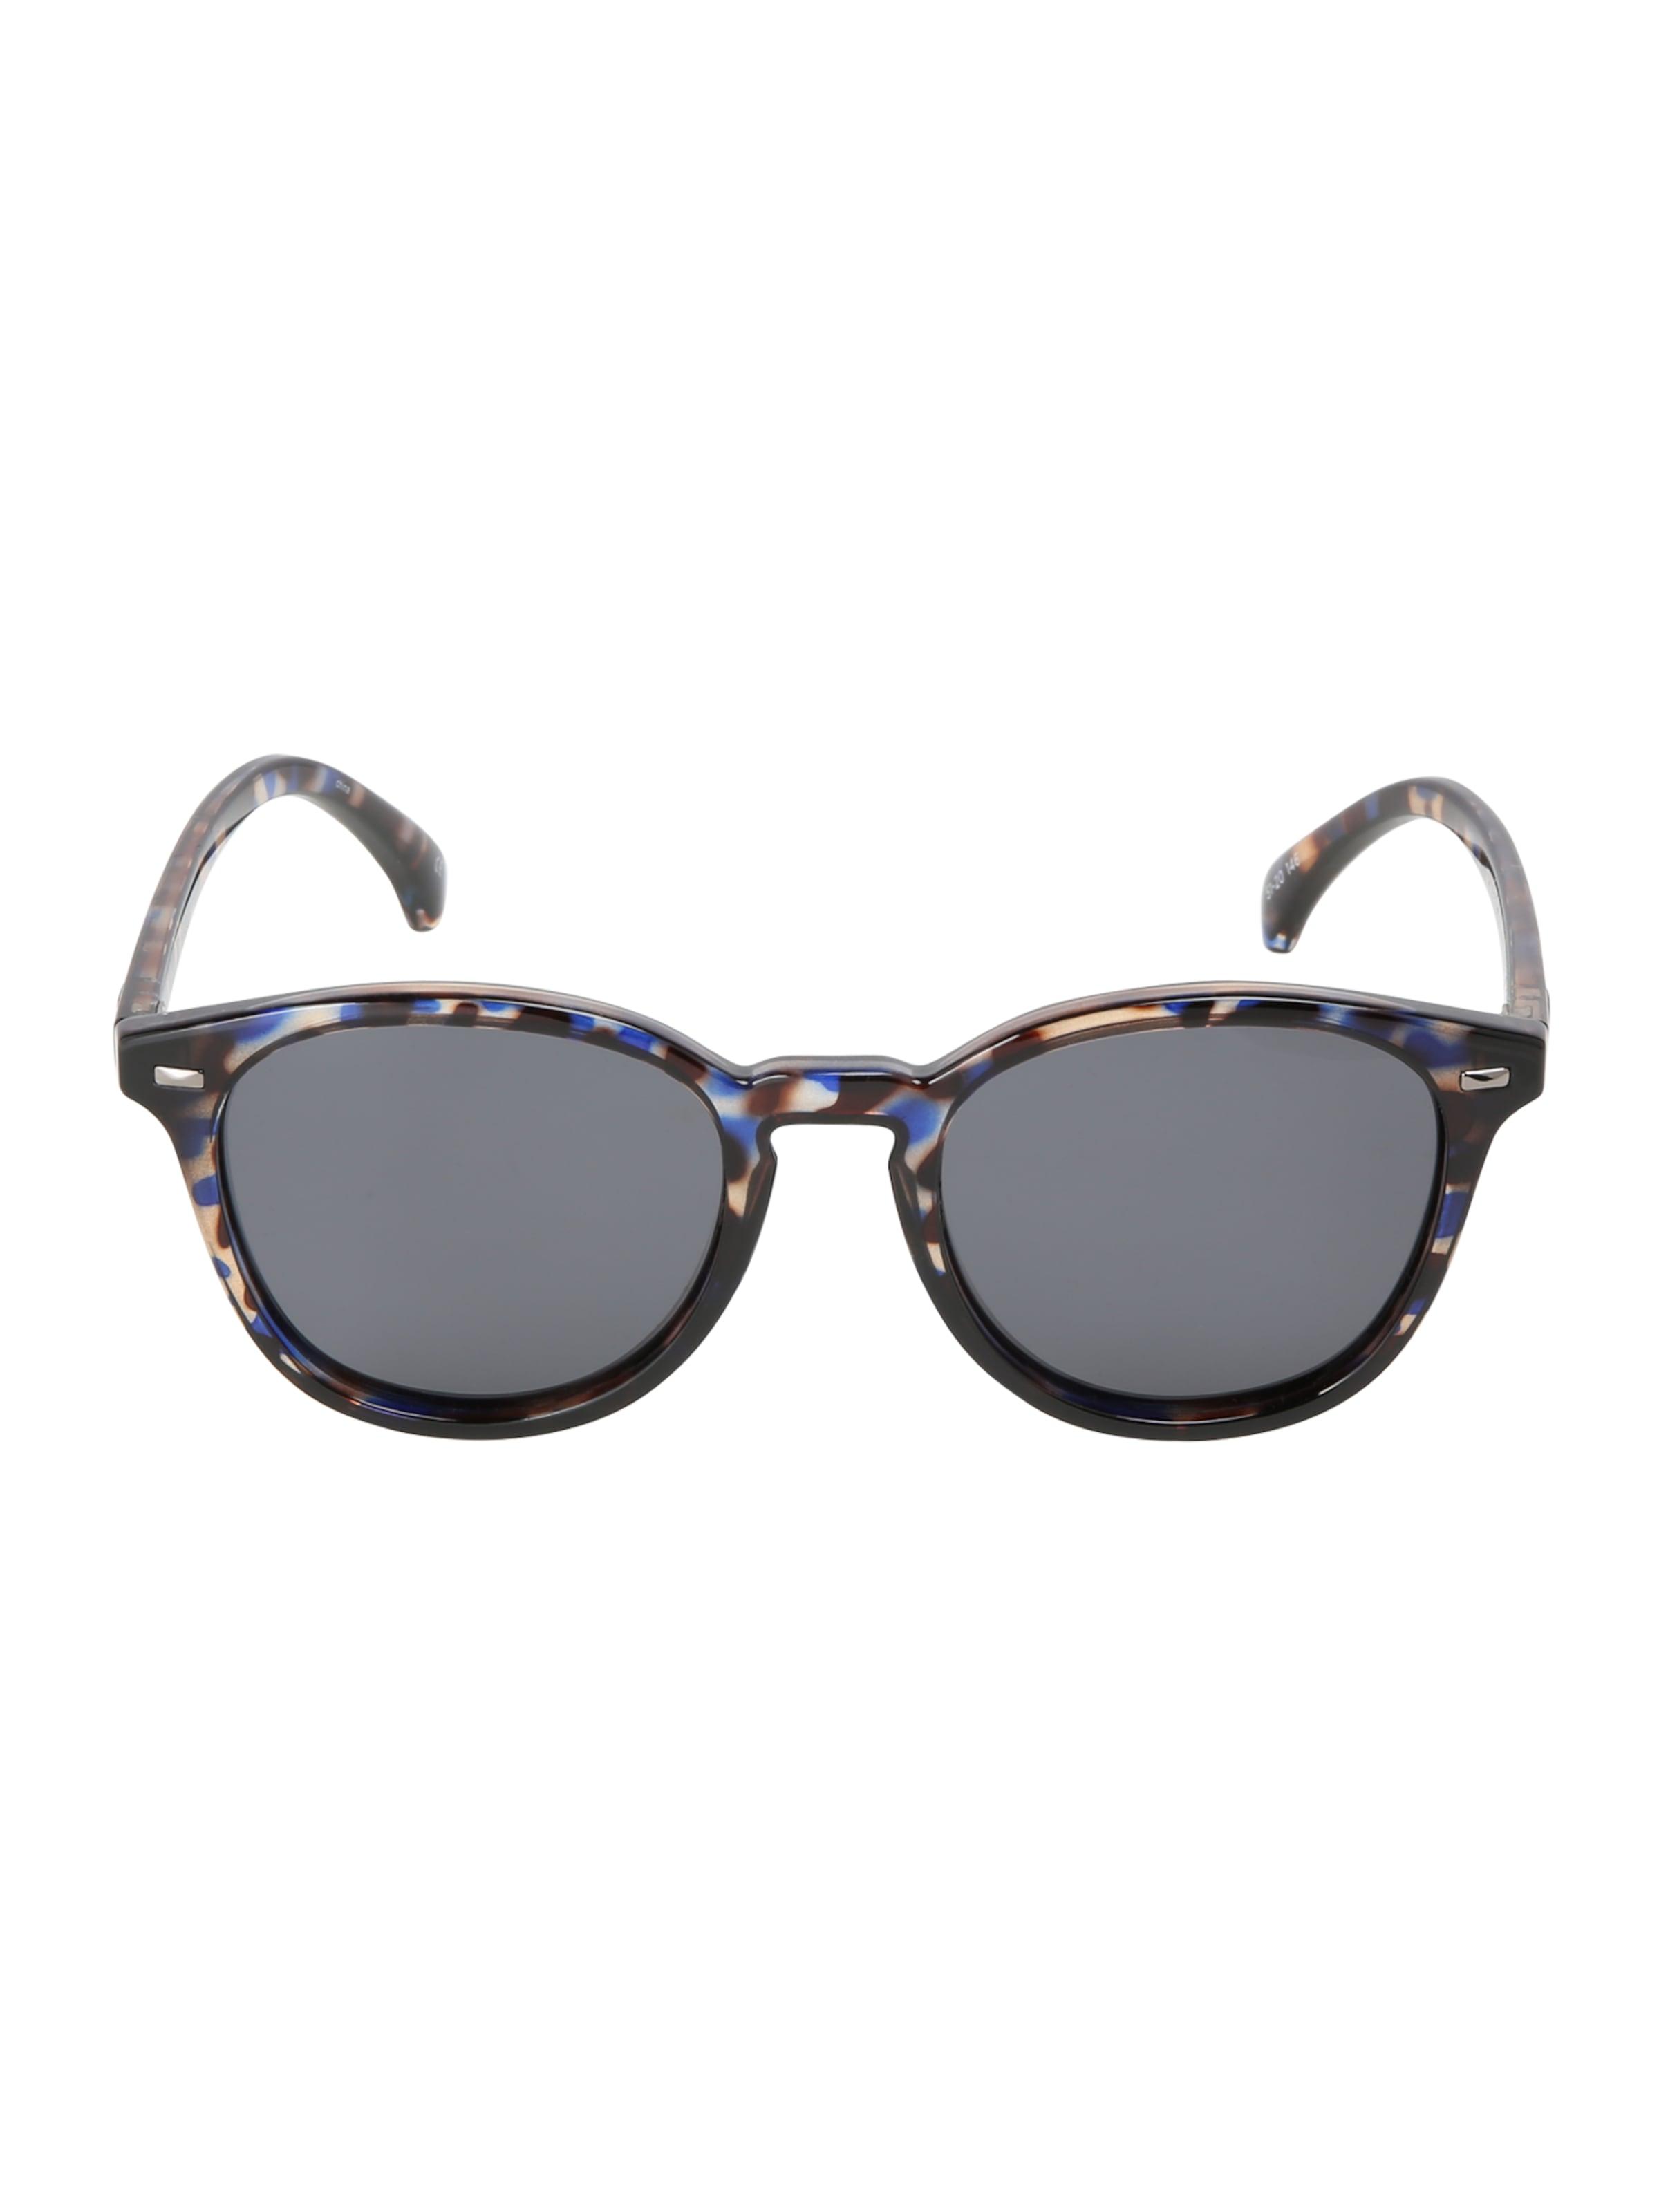 Specs De Lunettes Soleil MarineMarron En Le 'bandwagon' Bleu tshQCrdx